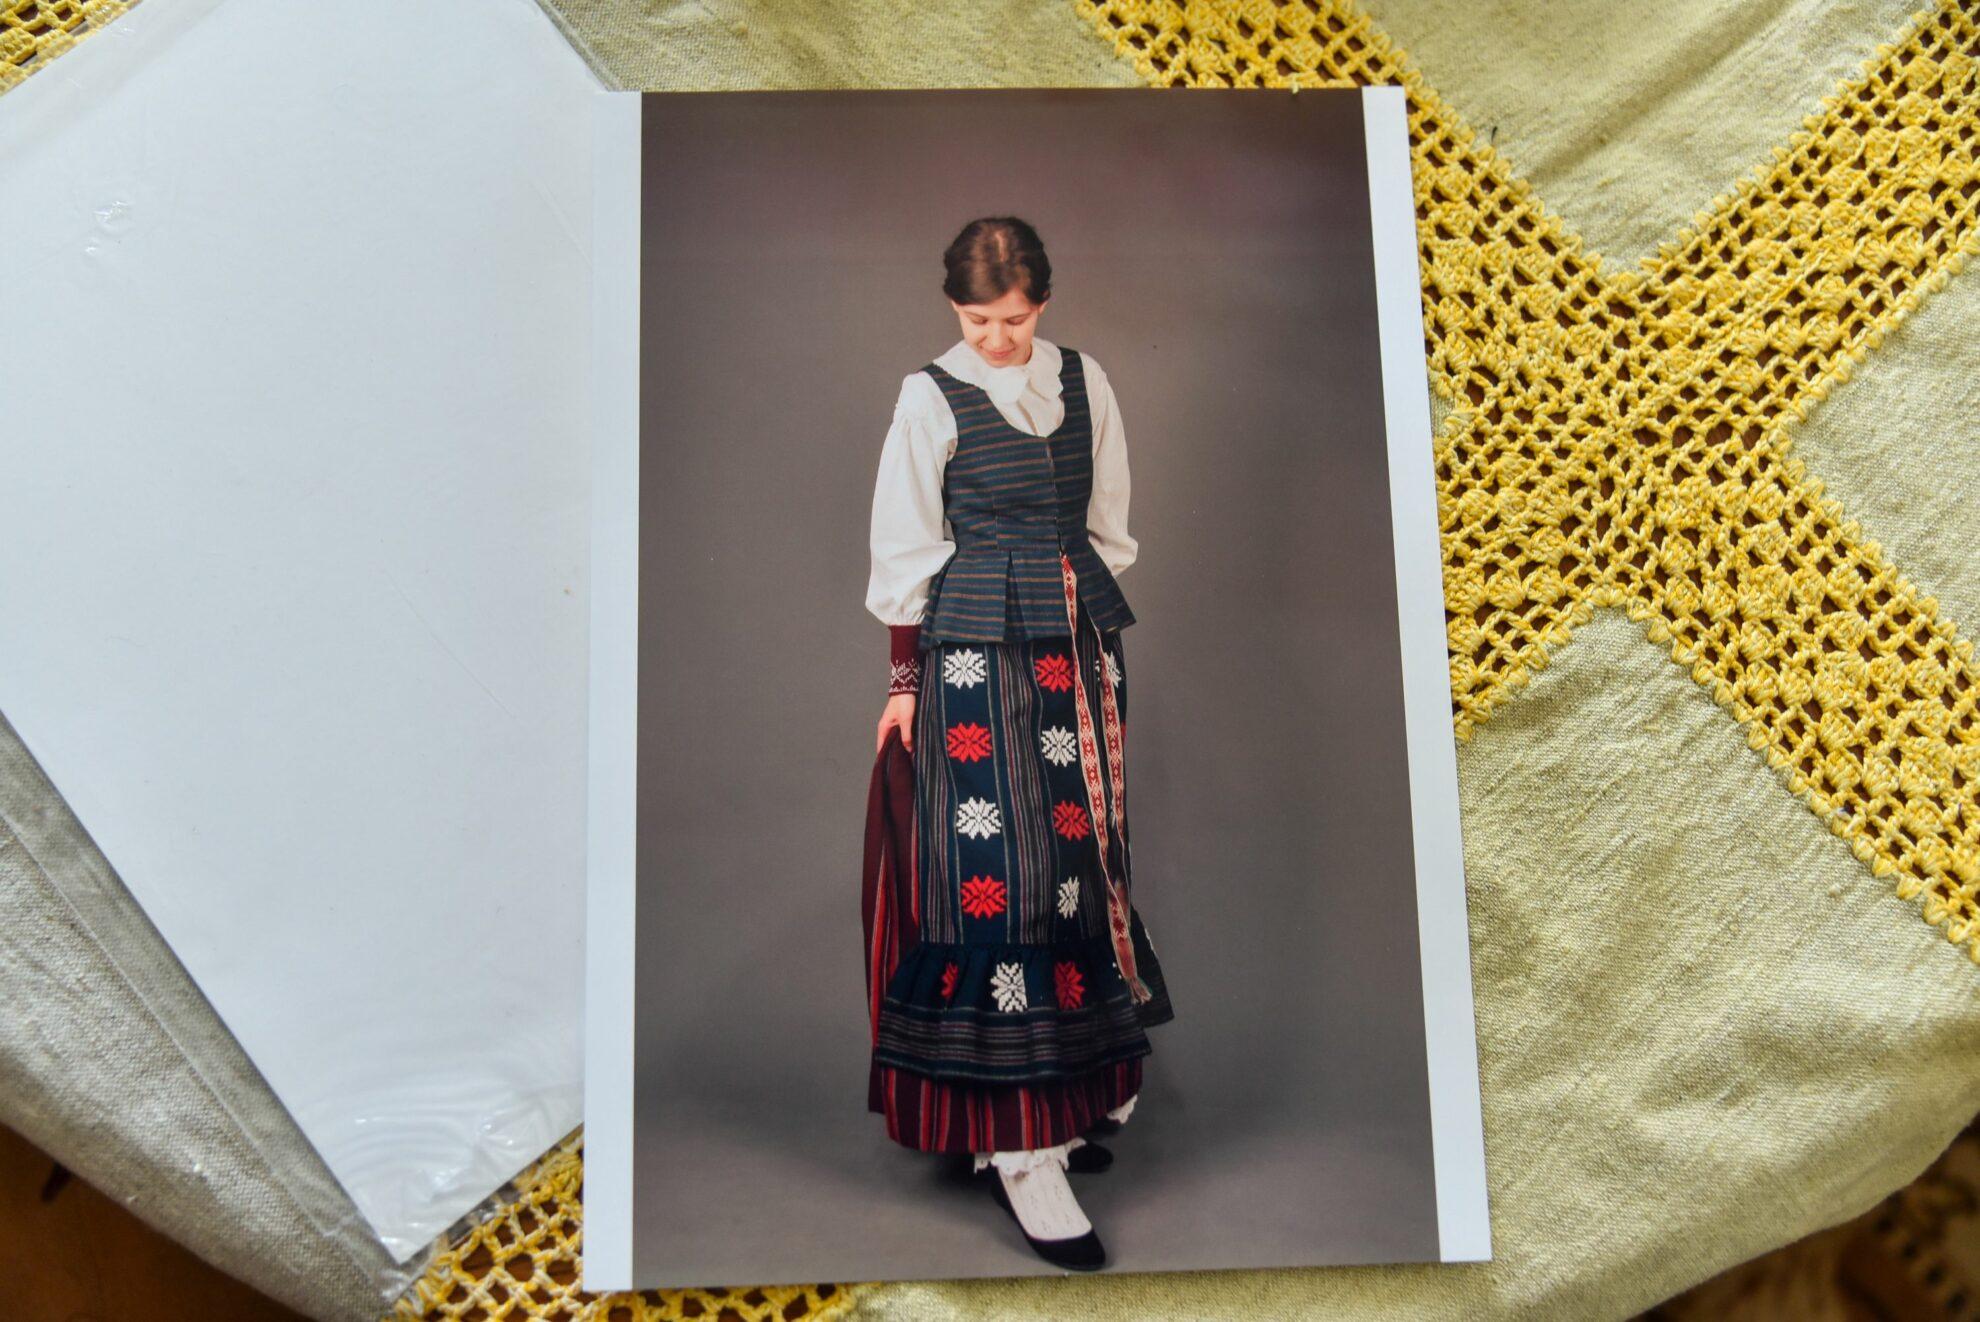 Kiekviena anūkei Deimai skirto išraiškingo kostiumo detalė kurta močiutės rankomis. P. Židonio nuotr.